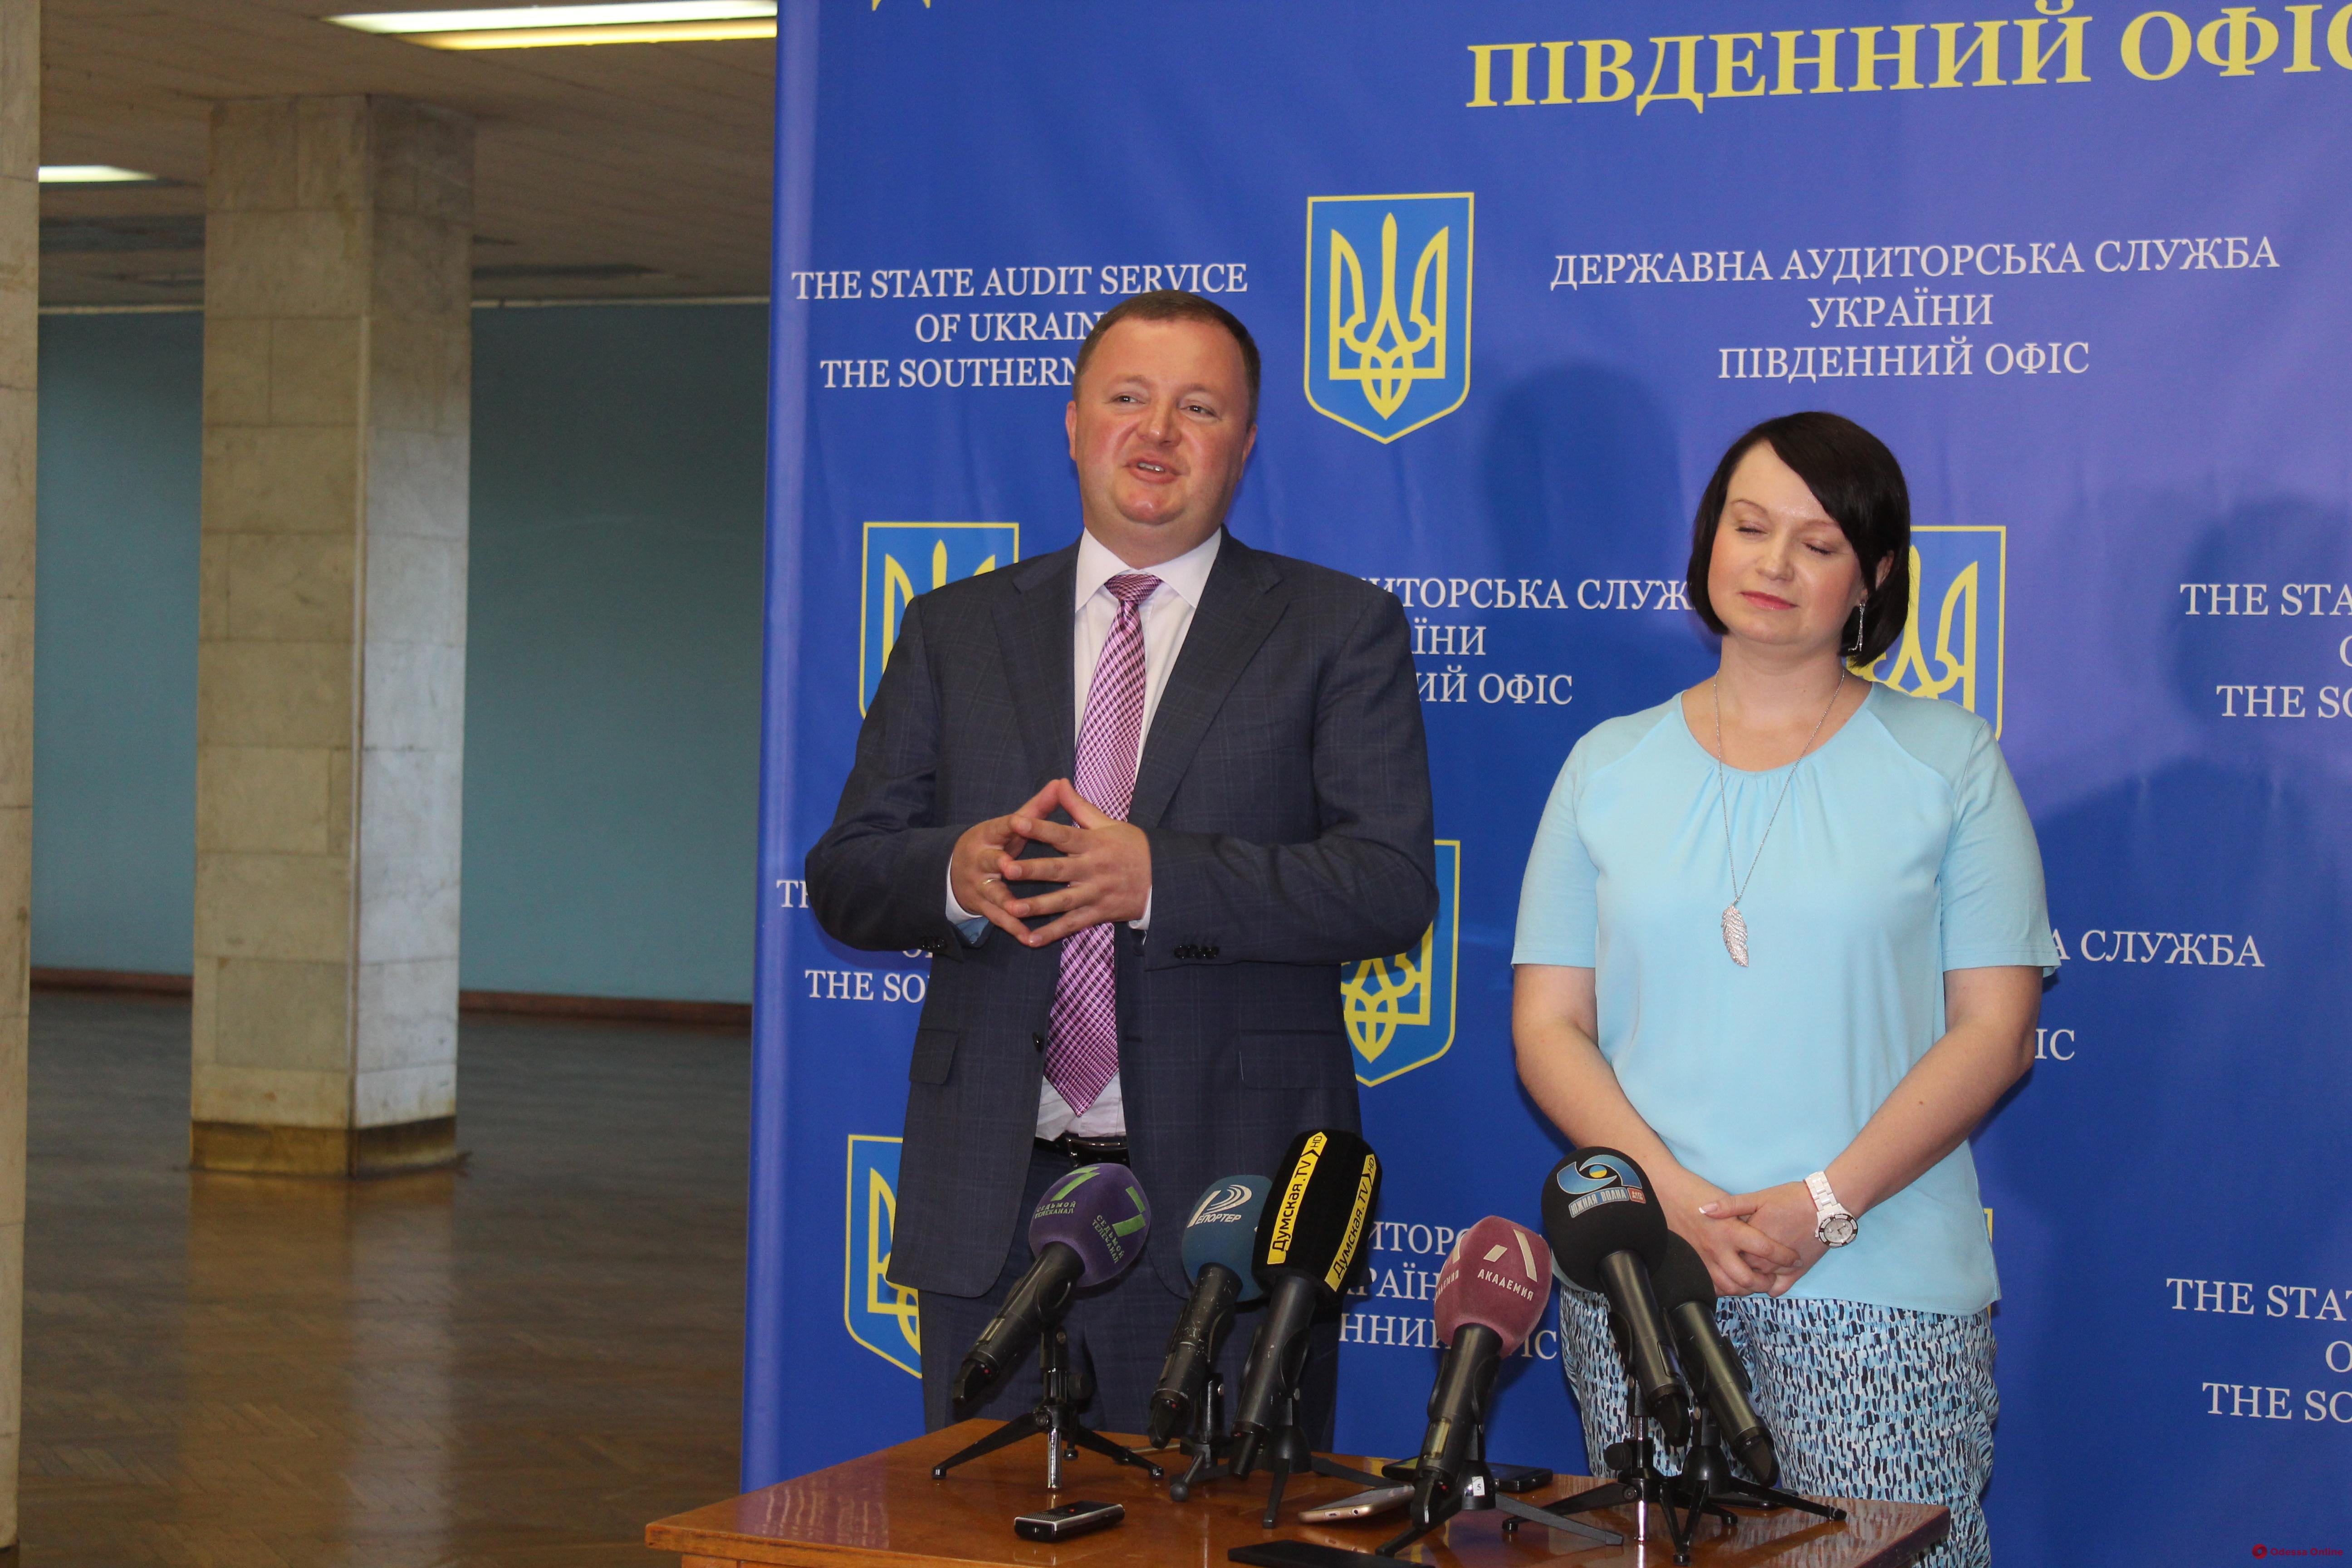 Госаудитслужба выявила в Одессе и области финансовых нарушений на 175 миллионов гривен